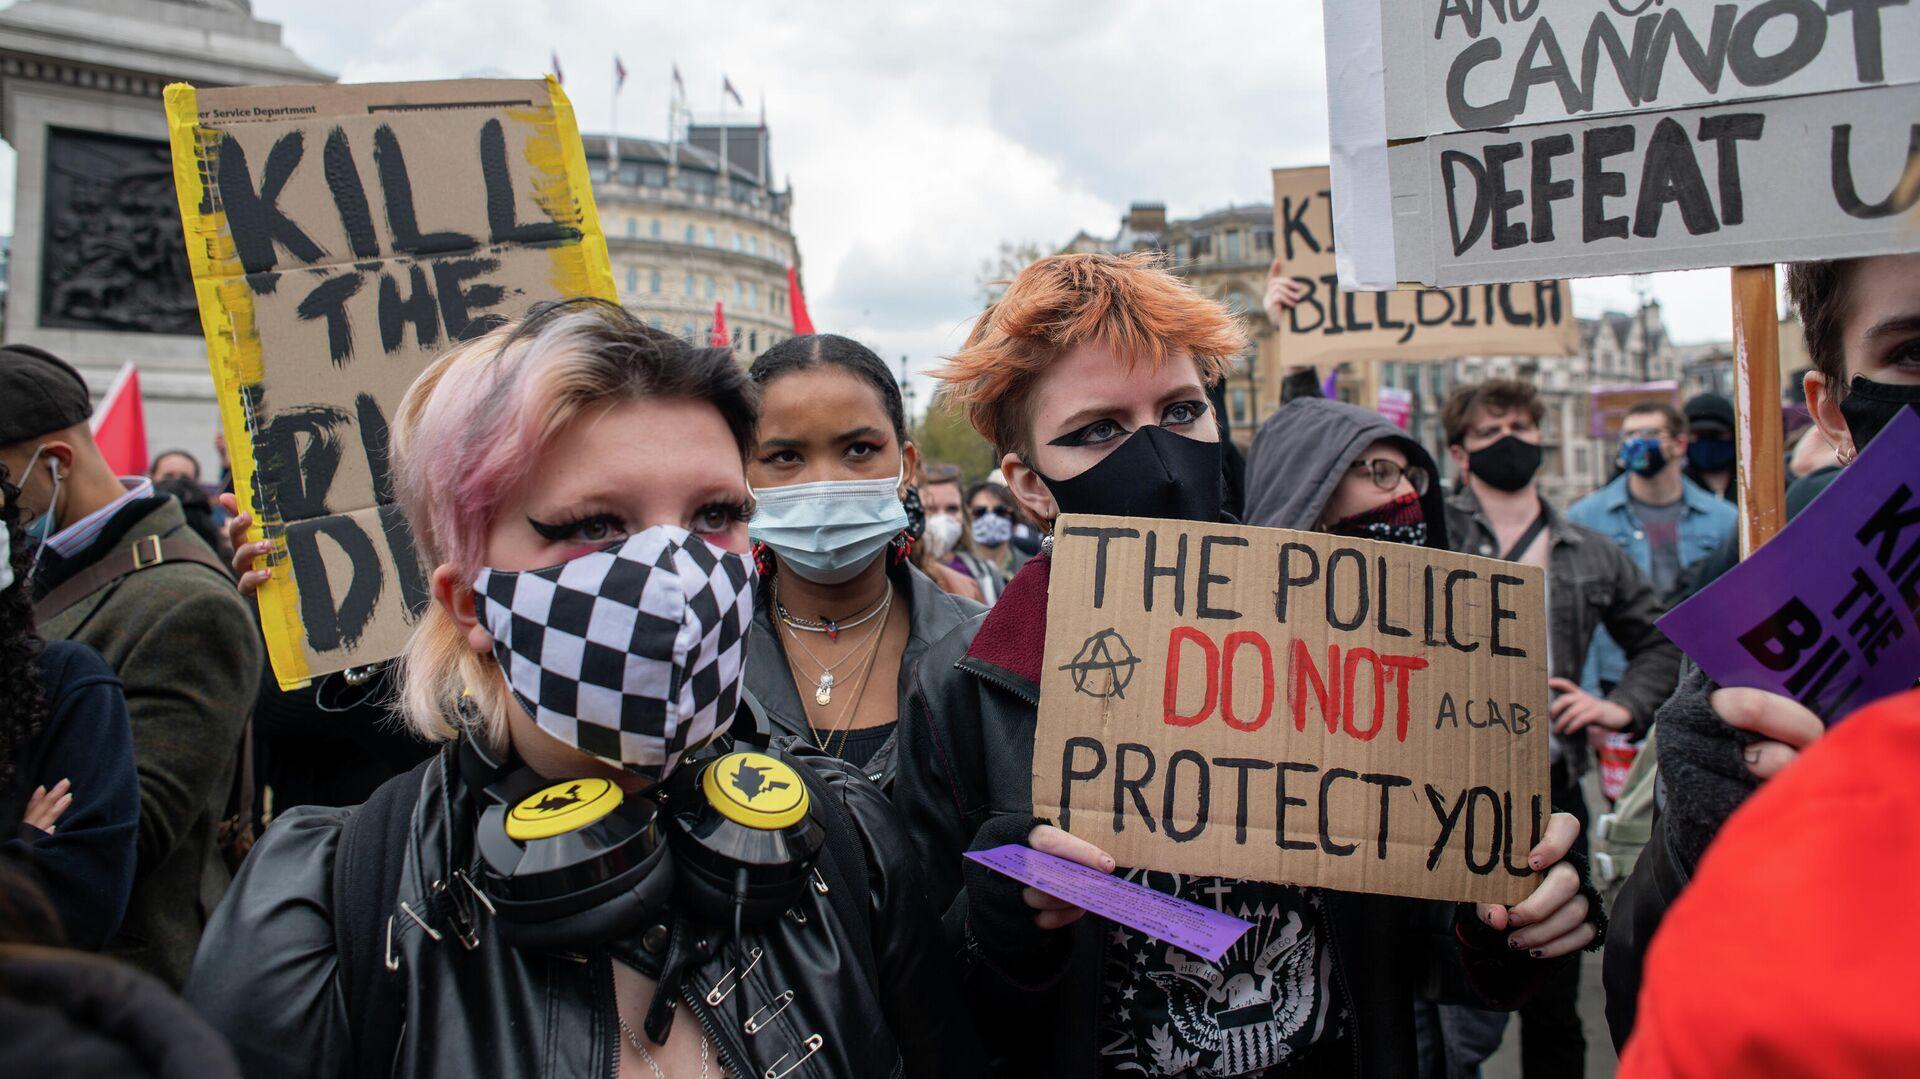 Протесты против закона о расширении полномочий полиции в Великобритании - РИА Новости, 1920, 24.07.2021